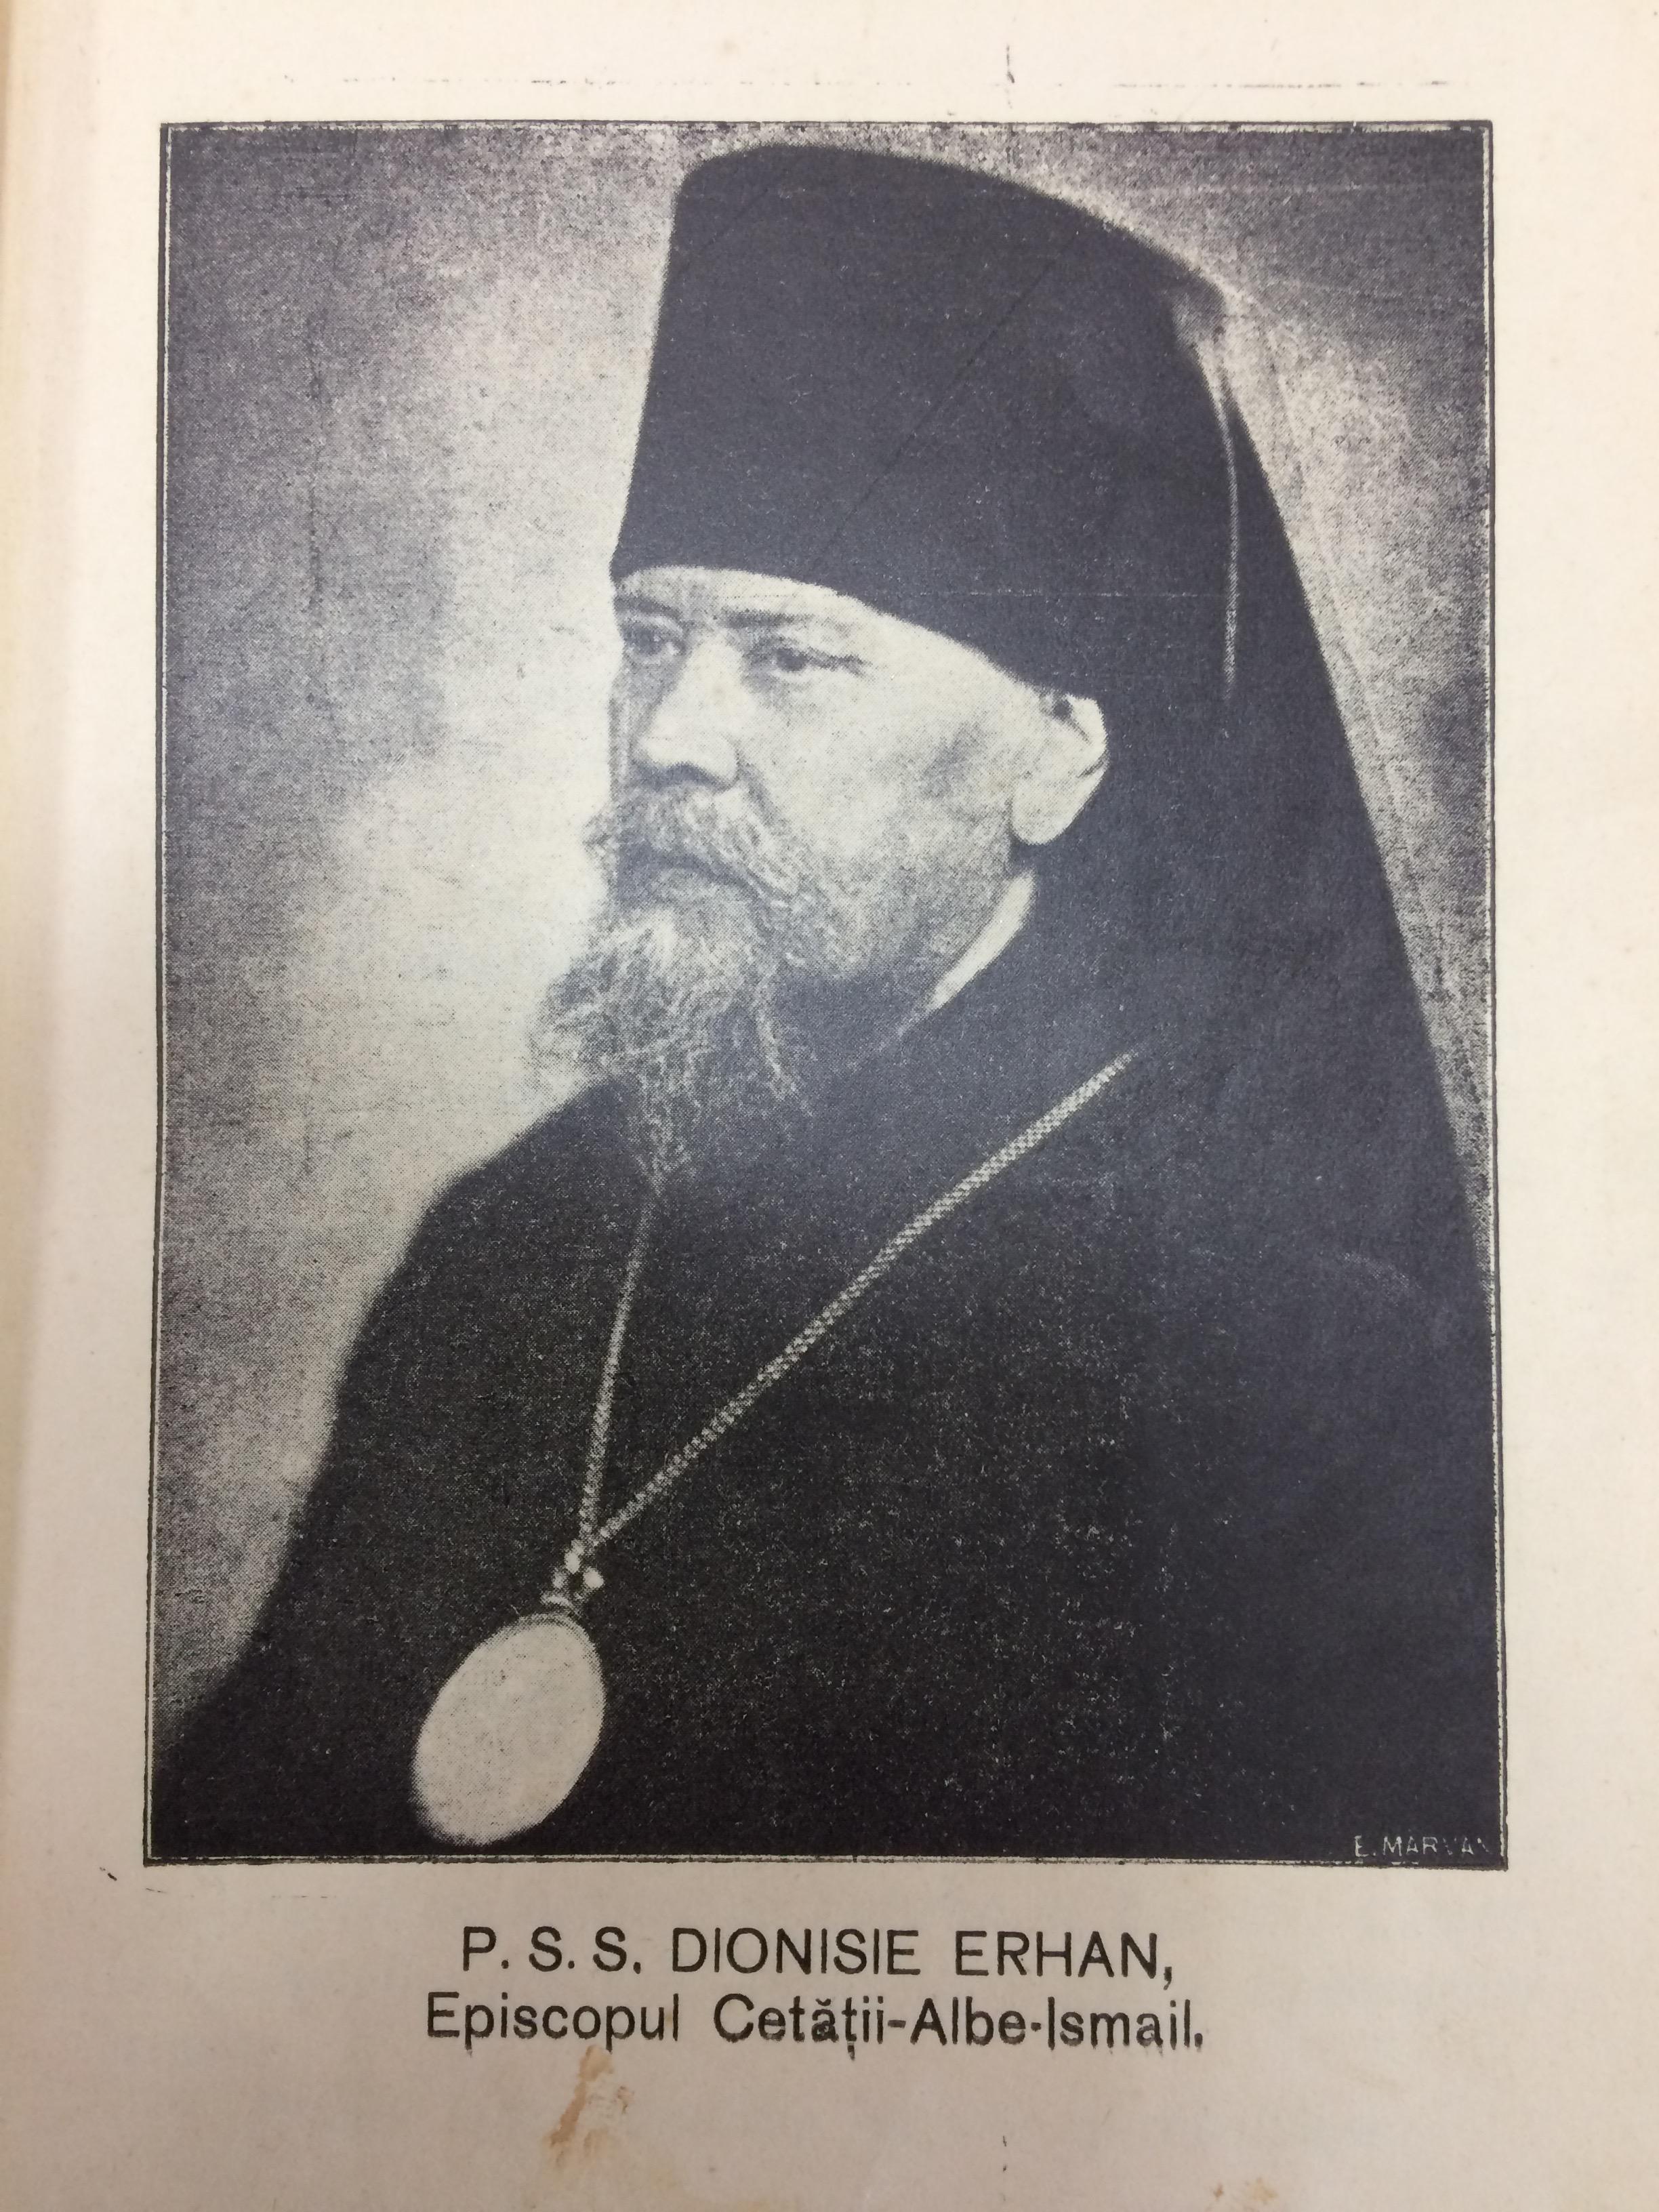 """Imagini pentru episcopu i Dionisie Erhan al Cetății-Albe-Ismail photos"""""""